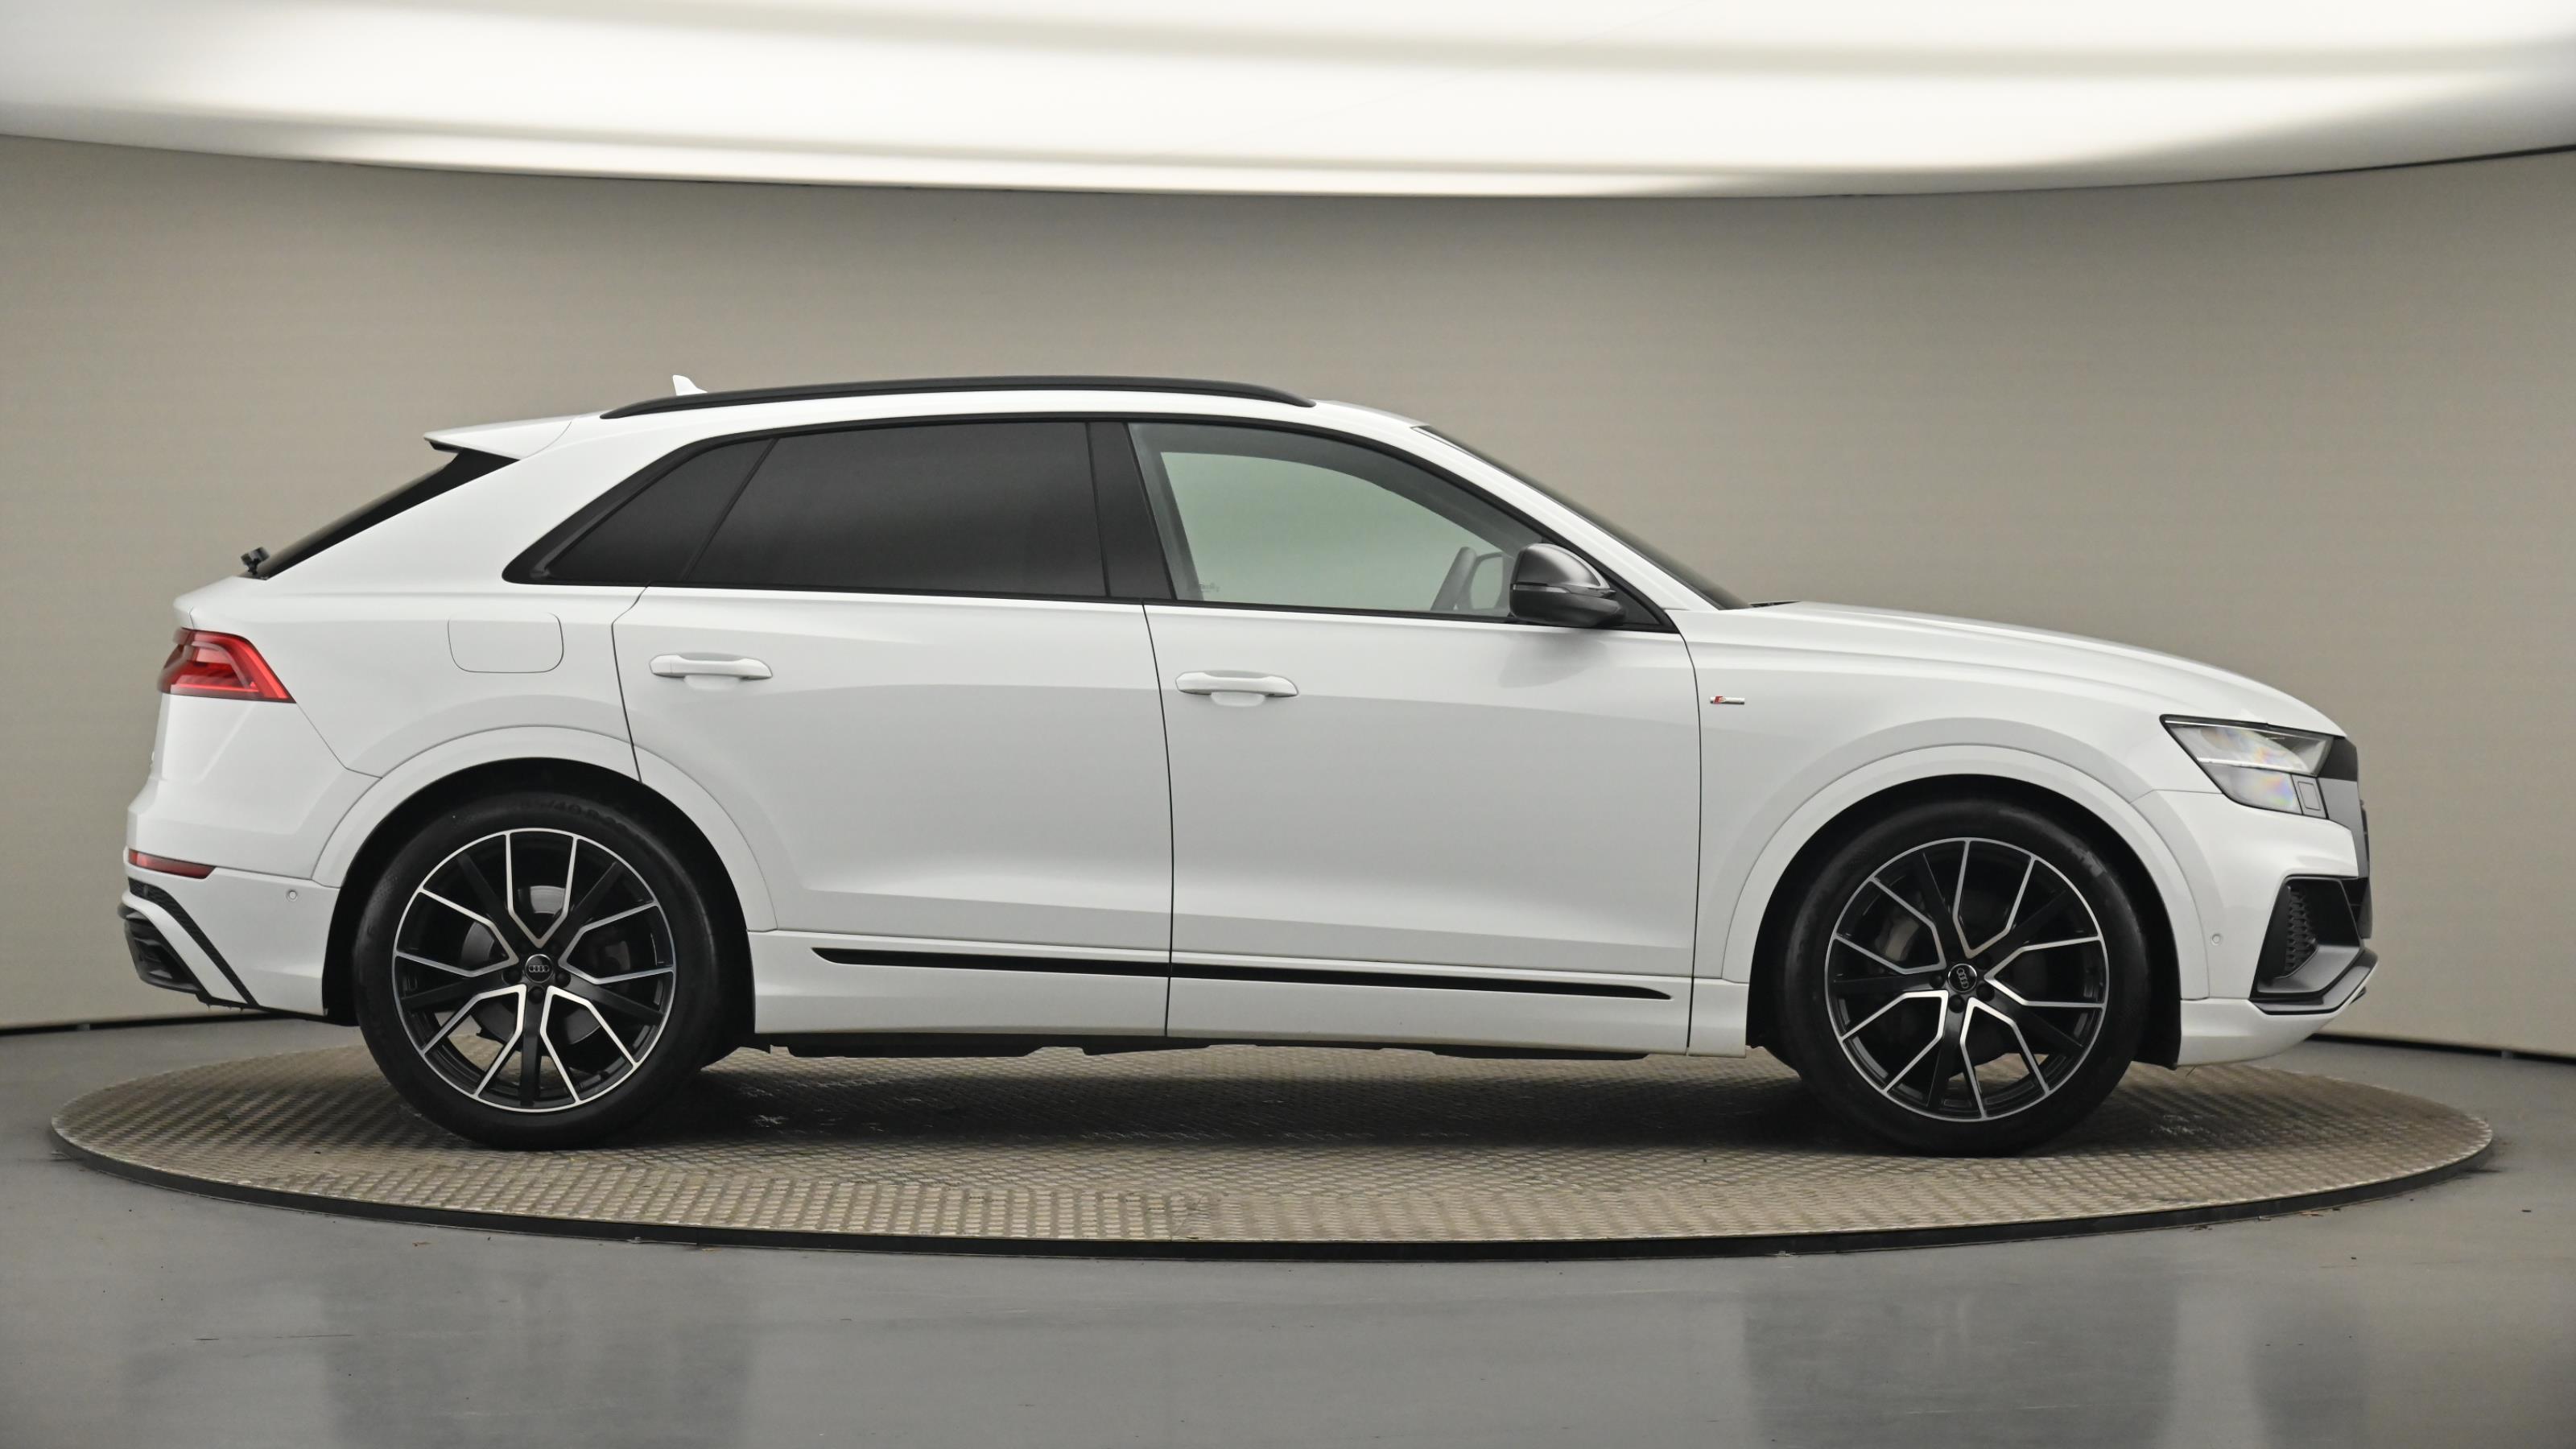 Audi Q8 50 TDI Vorsprung Quattro S LIne 4